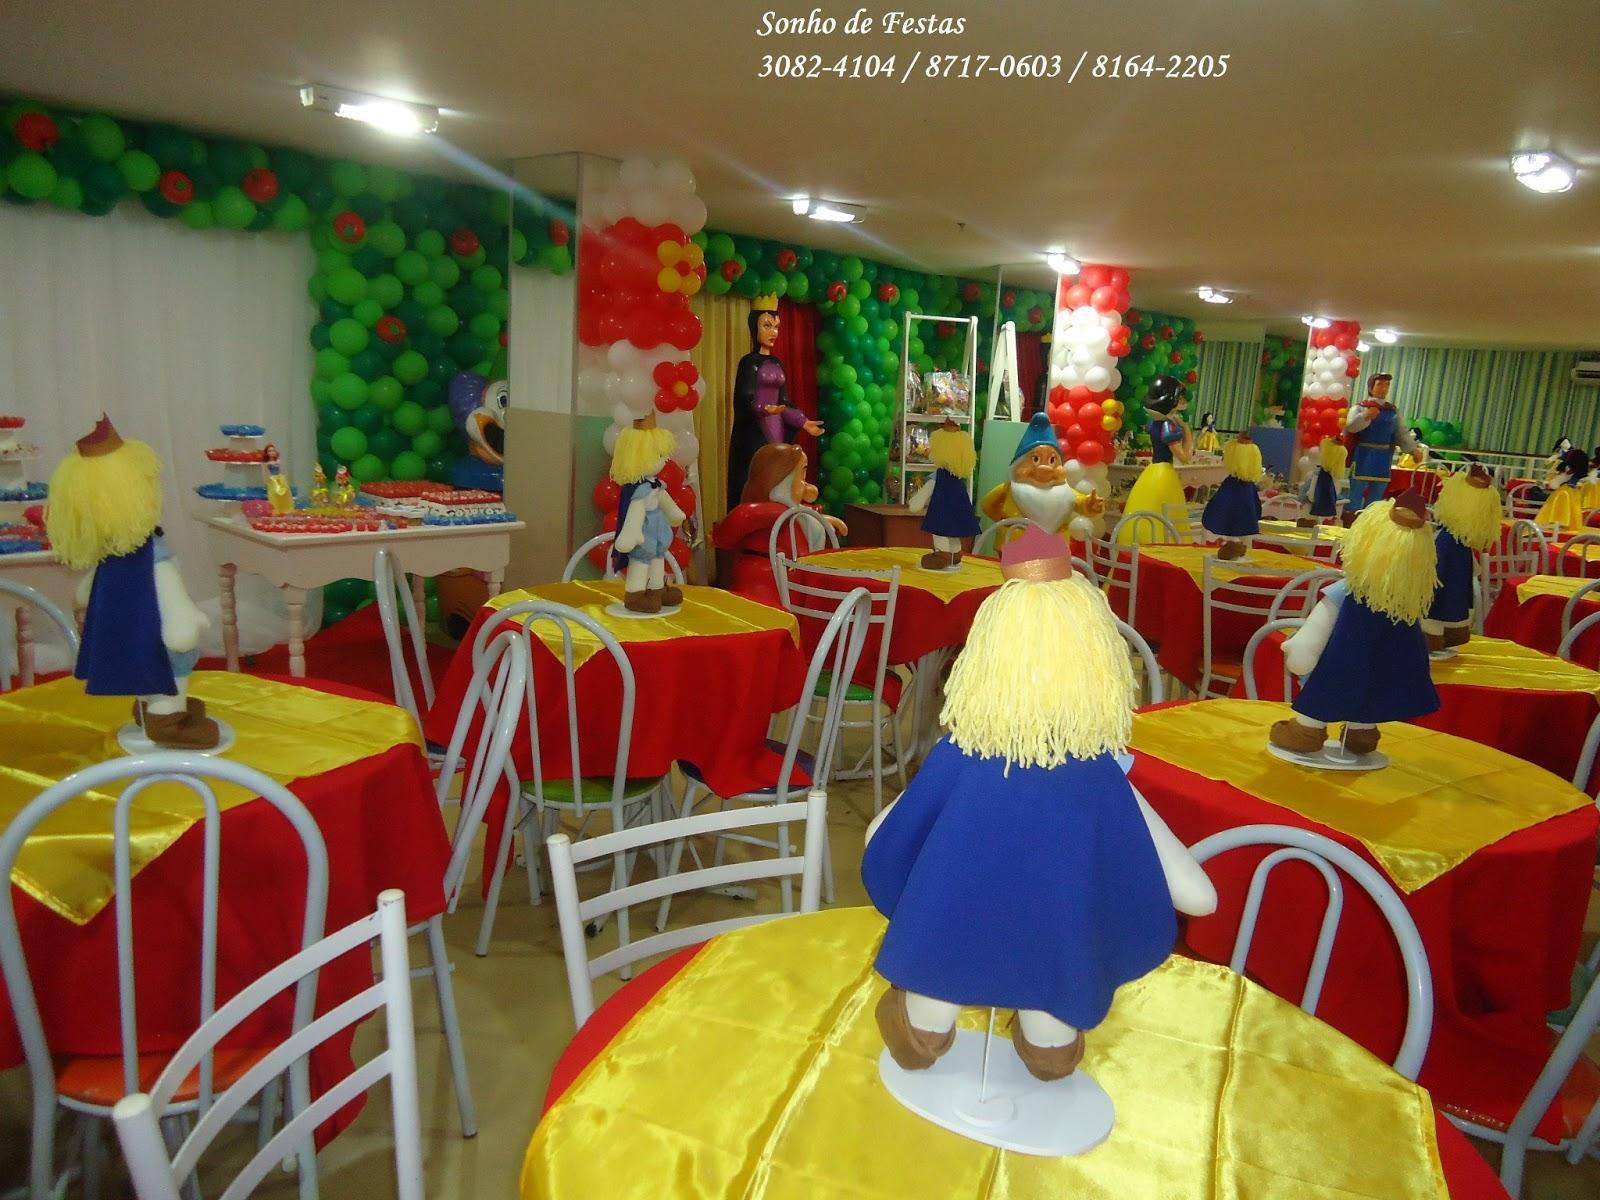 decoracao festa infantil branca de neve provencal : decoracao festa infantil branca de neve provencal:Festa provençal Branca de Neve com Fibras